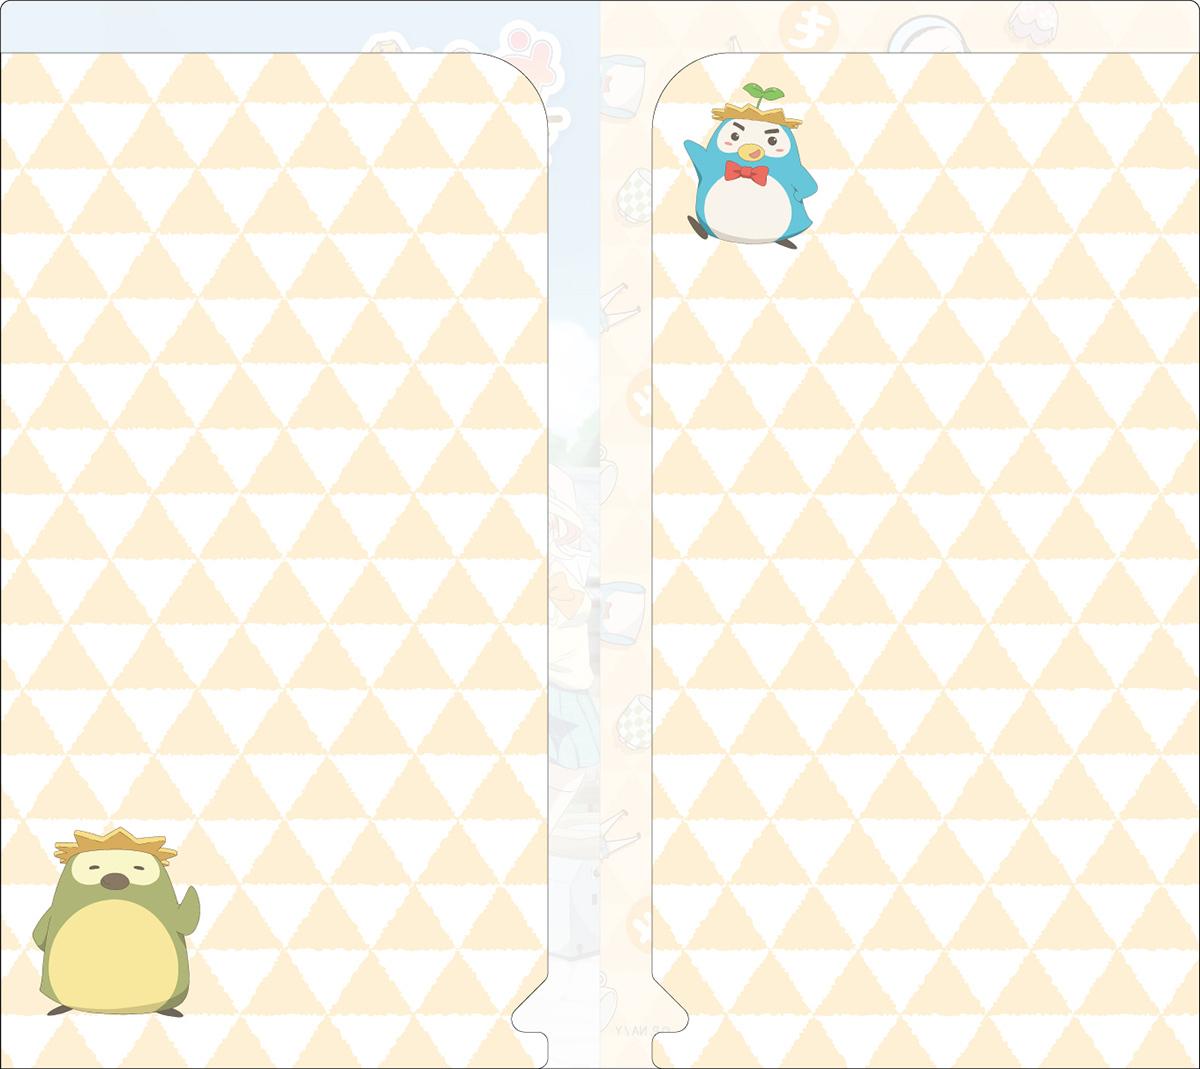 マスクケース(中) (c) プラネット・日本アニメーション/やくならマグカップも製作委員会